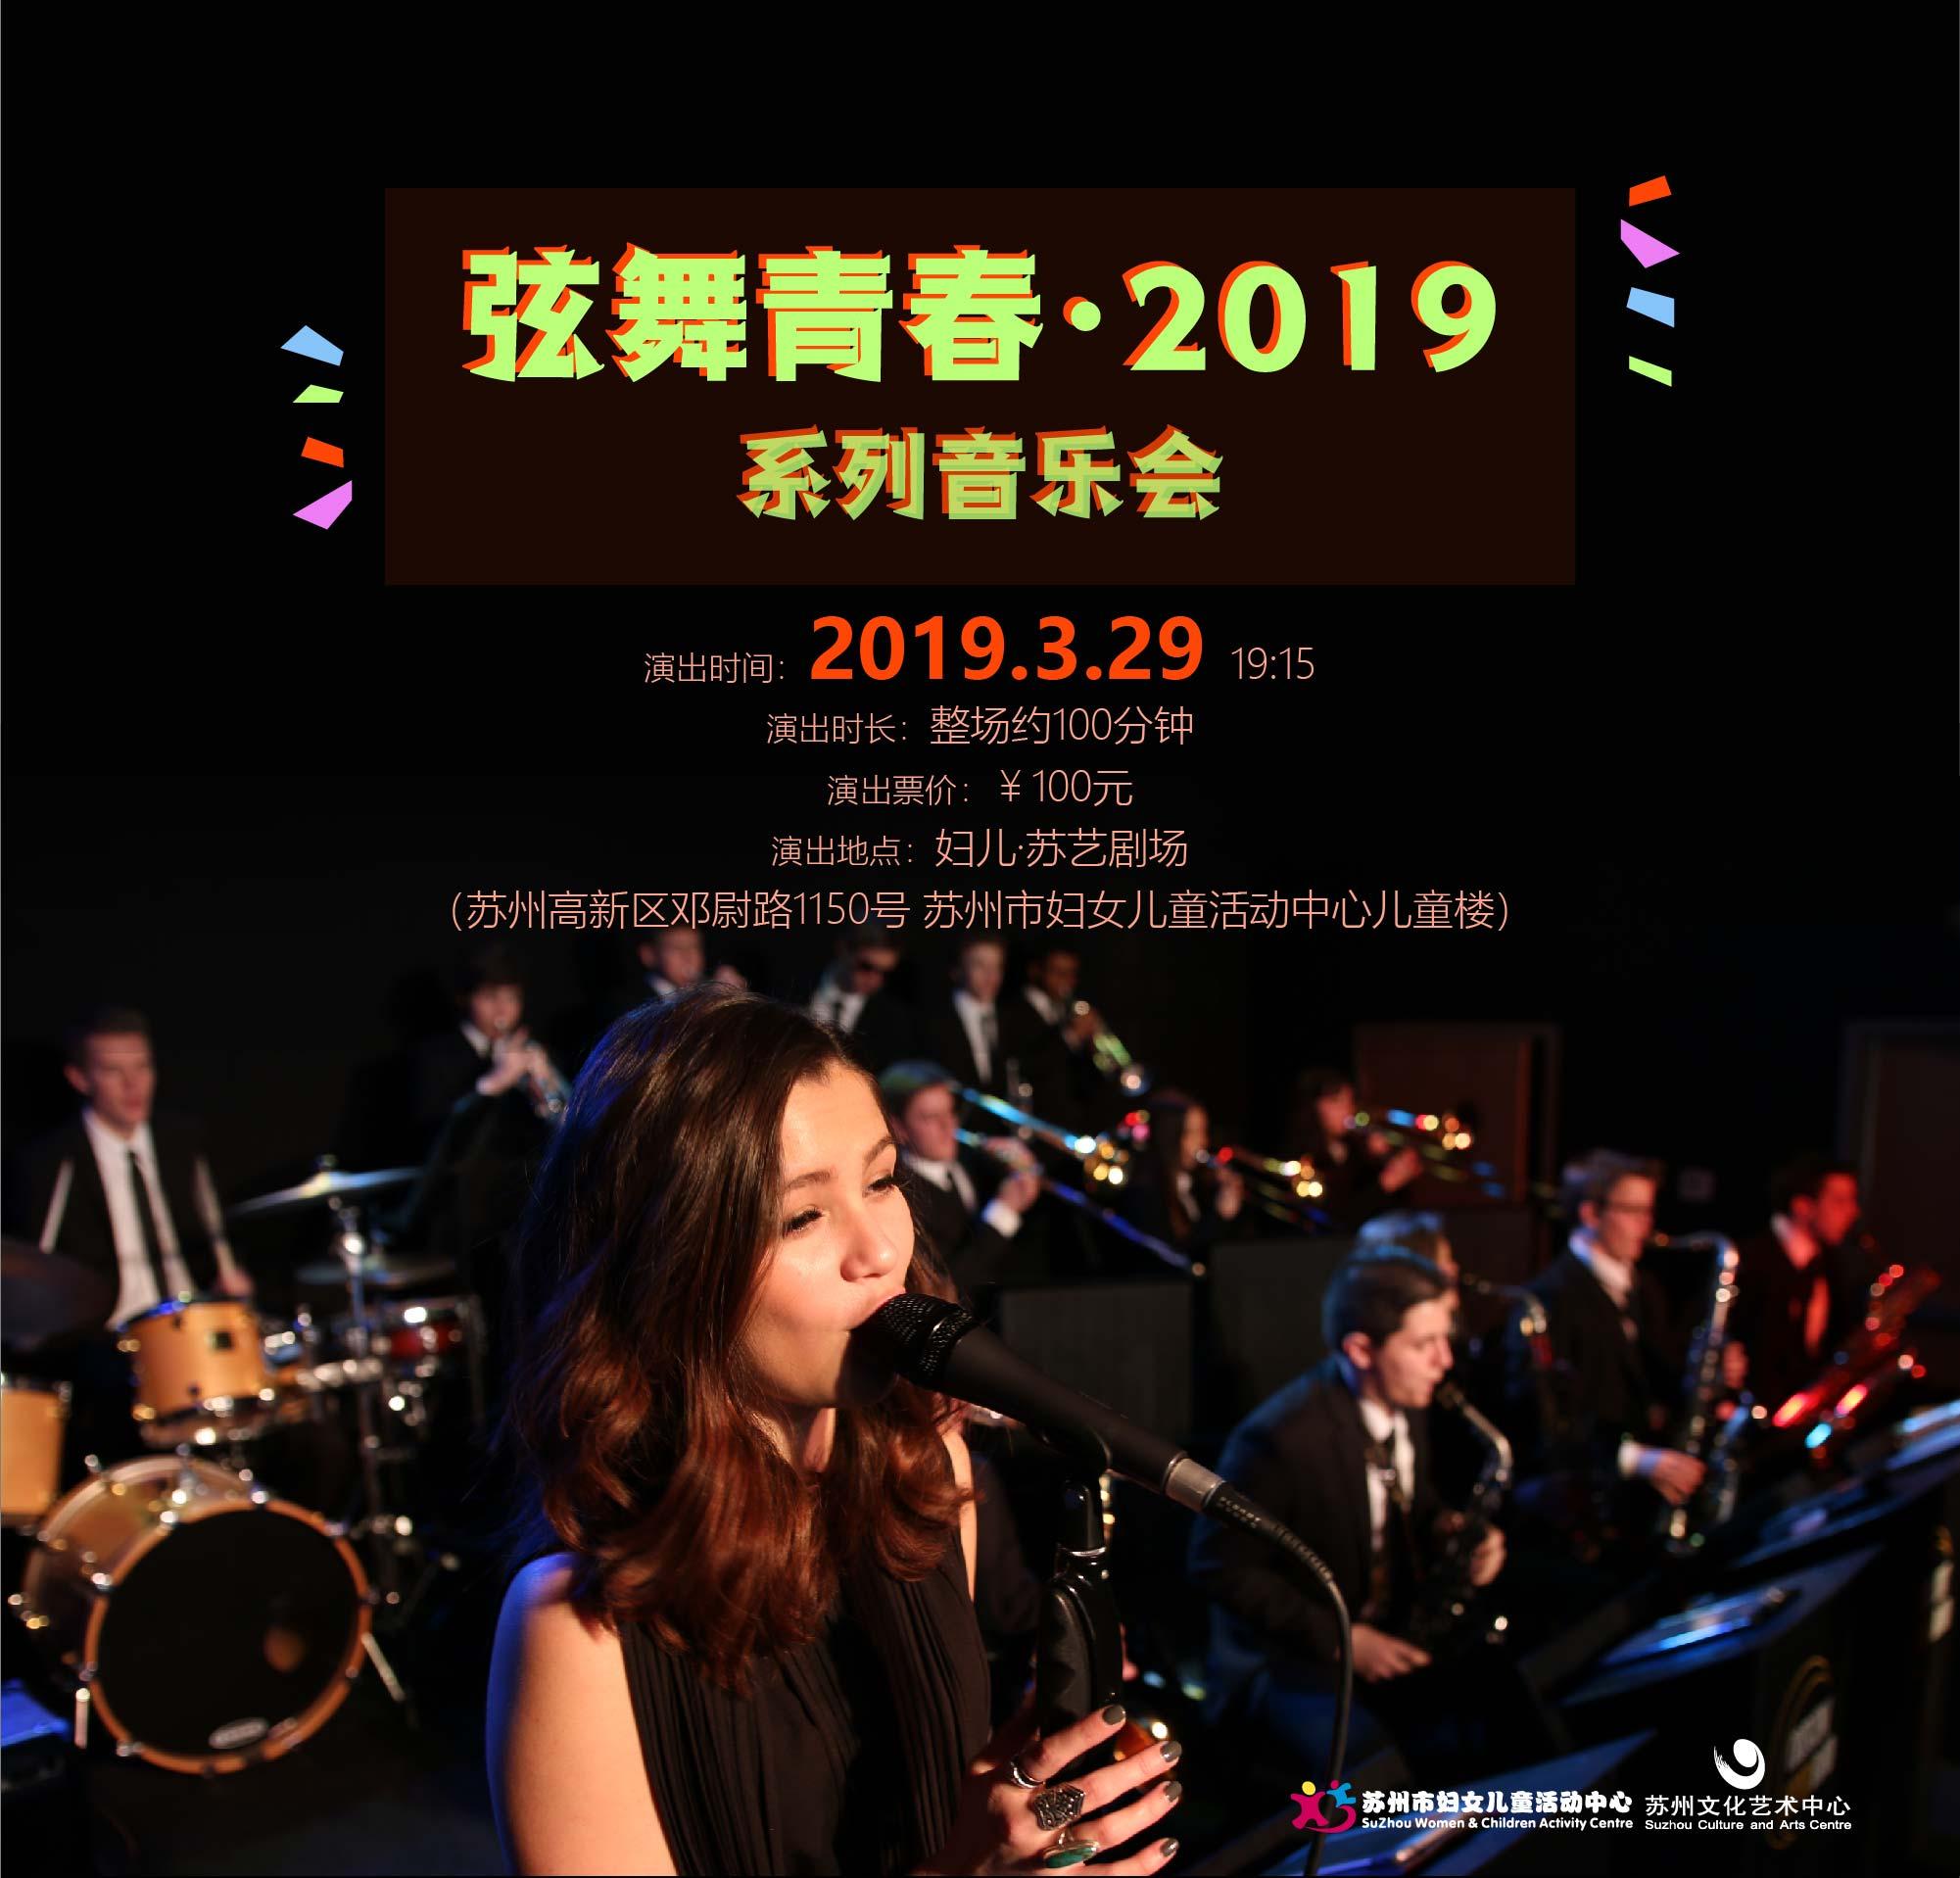 弦舞青春2019系列音乐会(主办)